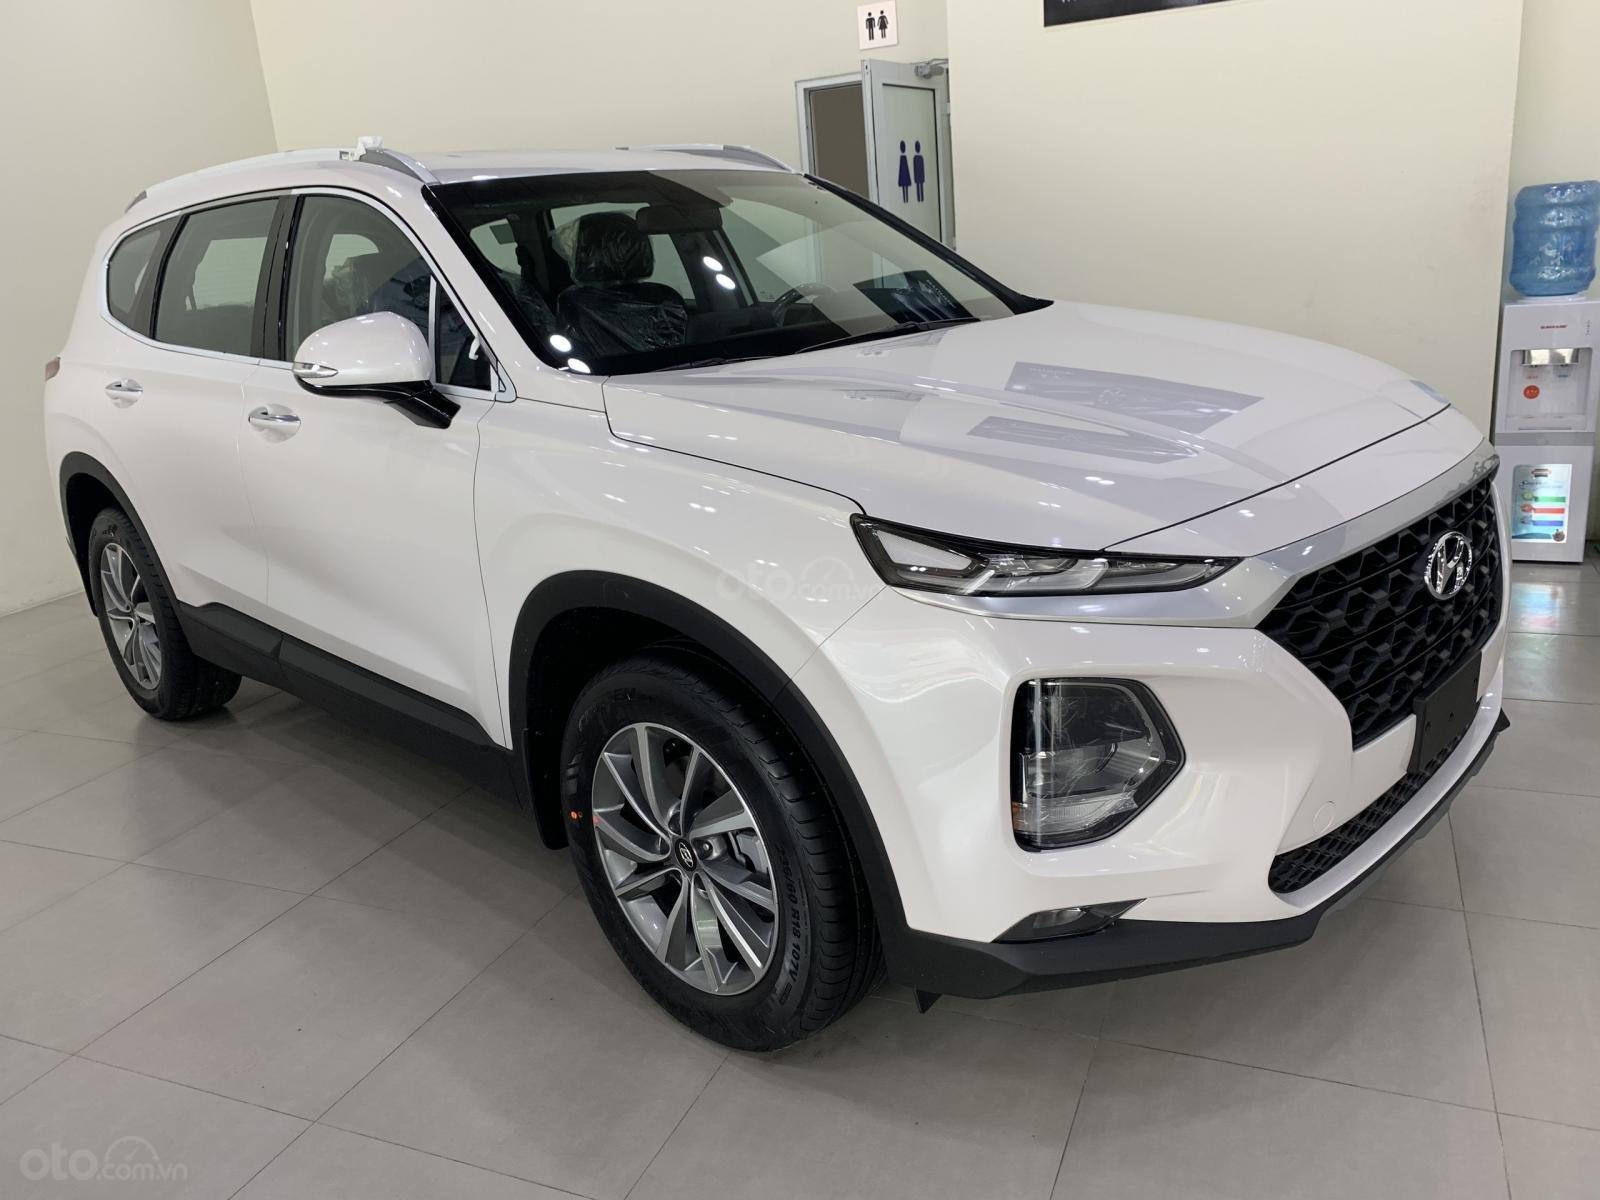 Bán xe Hyundai Santa Fe đời 2019, hỗ trợ mua trả góp lên tới 85% giá trị xe, có xe giao ngay. LH ngay 086.24.42.688 (1)